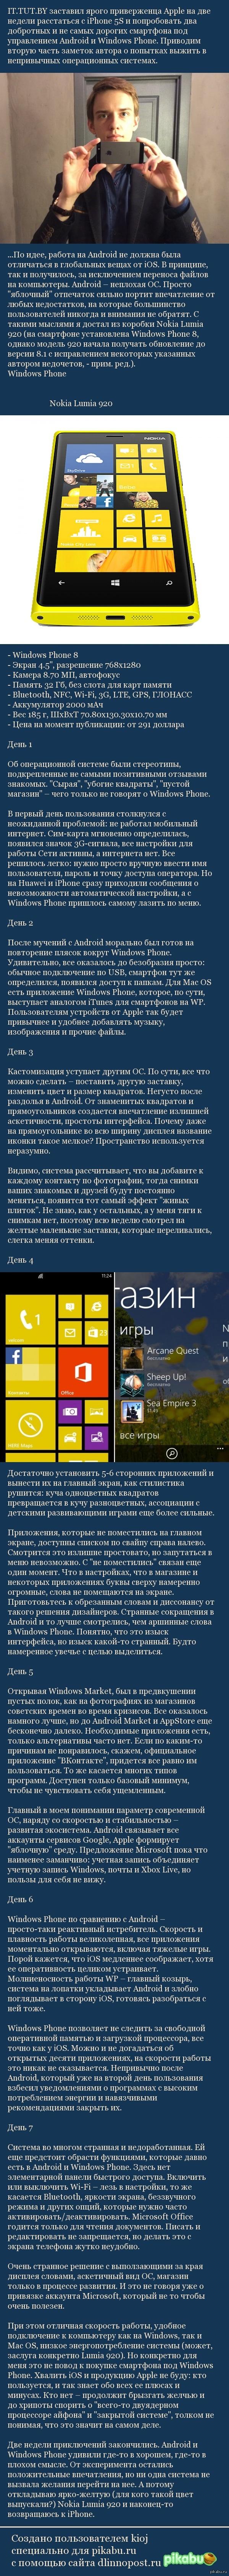 Дневник открытий и страданий, часть 2. Как фанат iPhone прожил неделю с Windows Phone